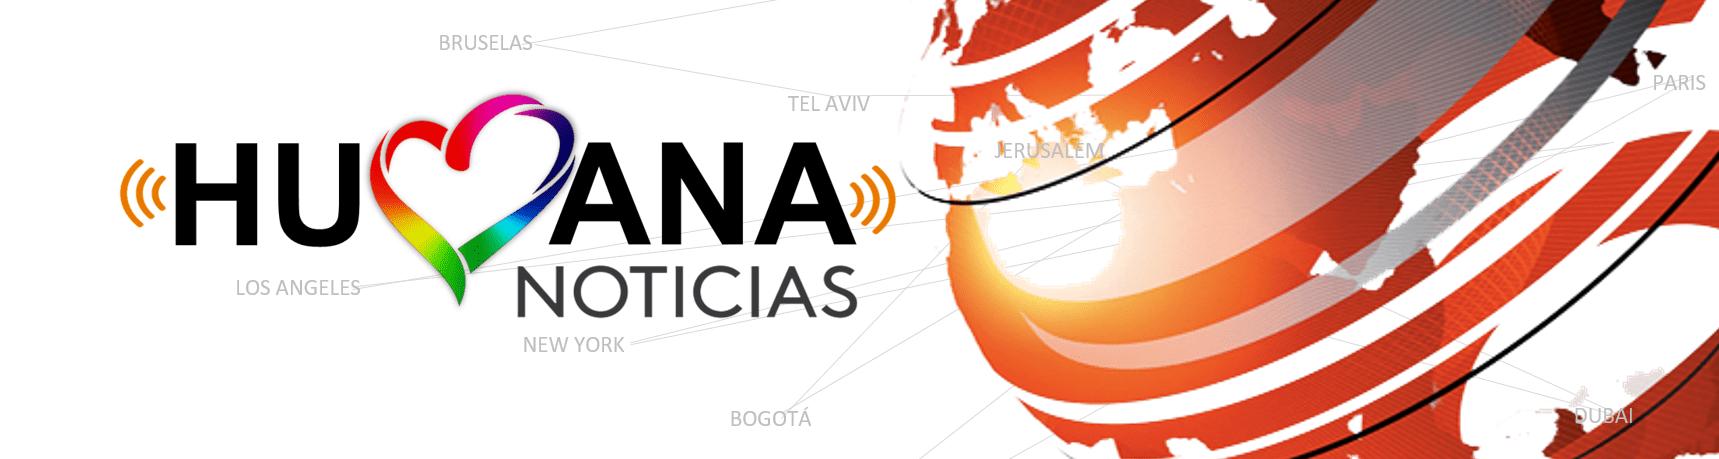 Humana Radio | Últimas Noticias de Colombia y el mundo 24 horas.